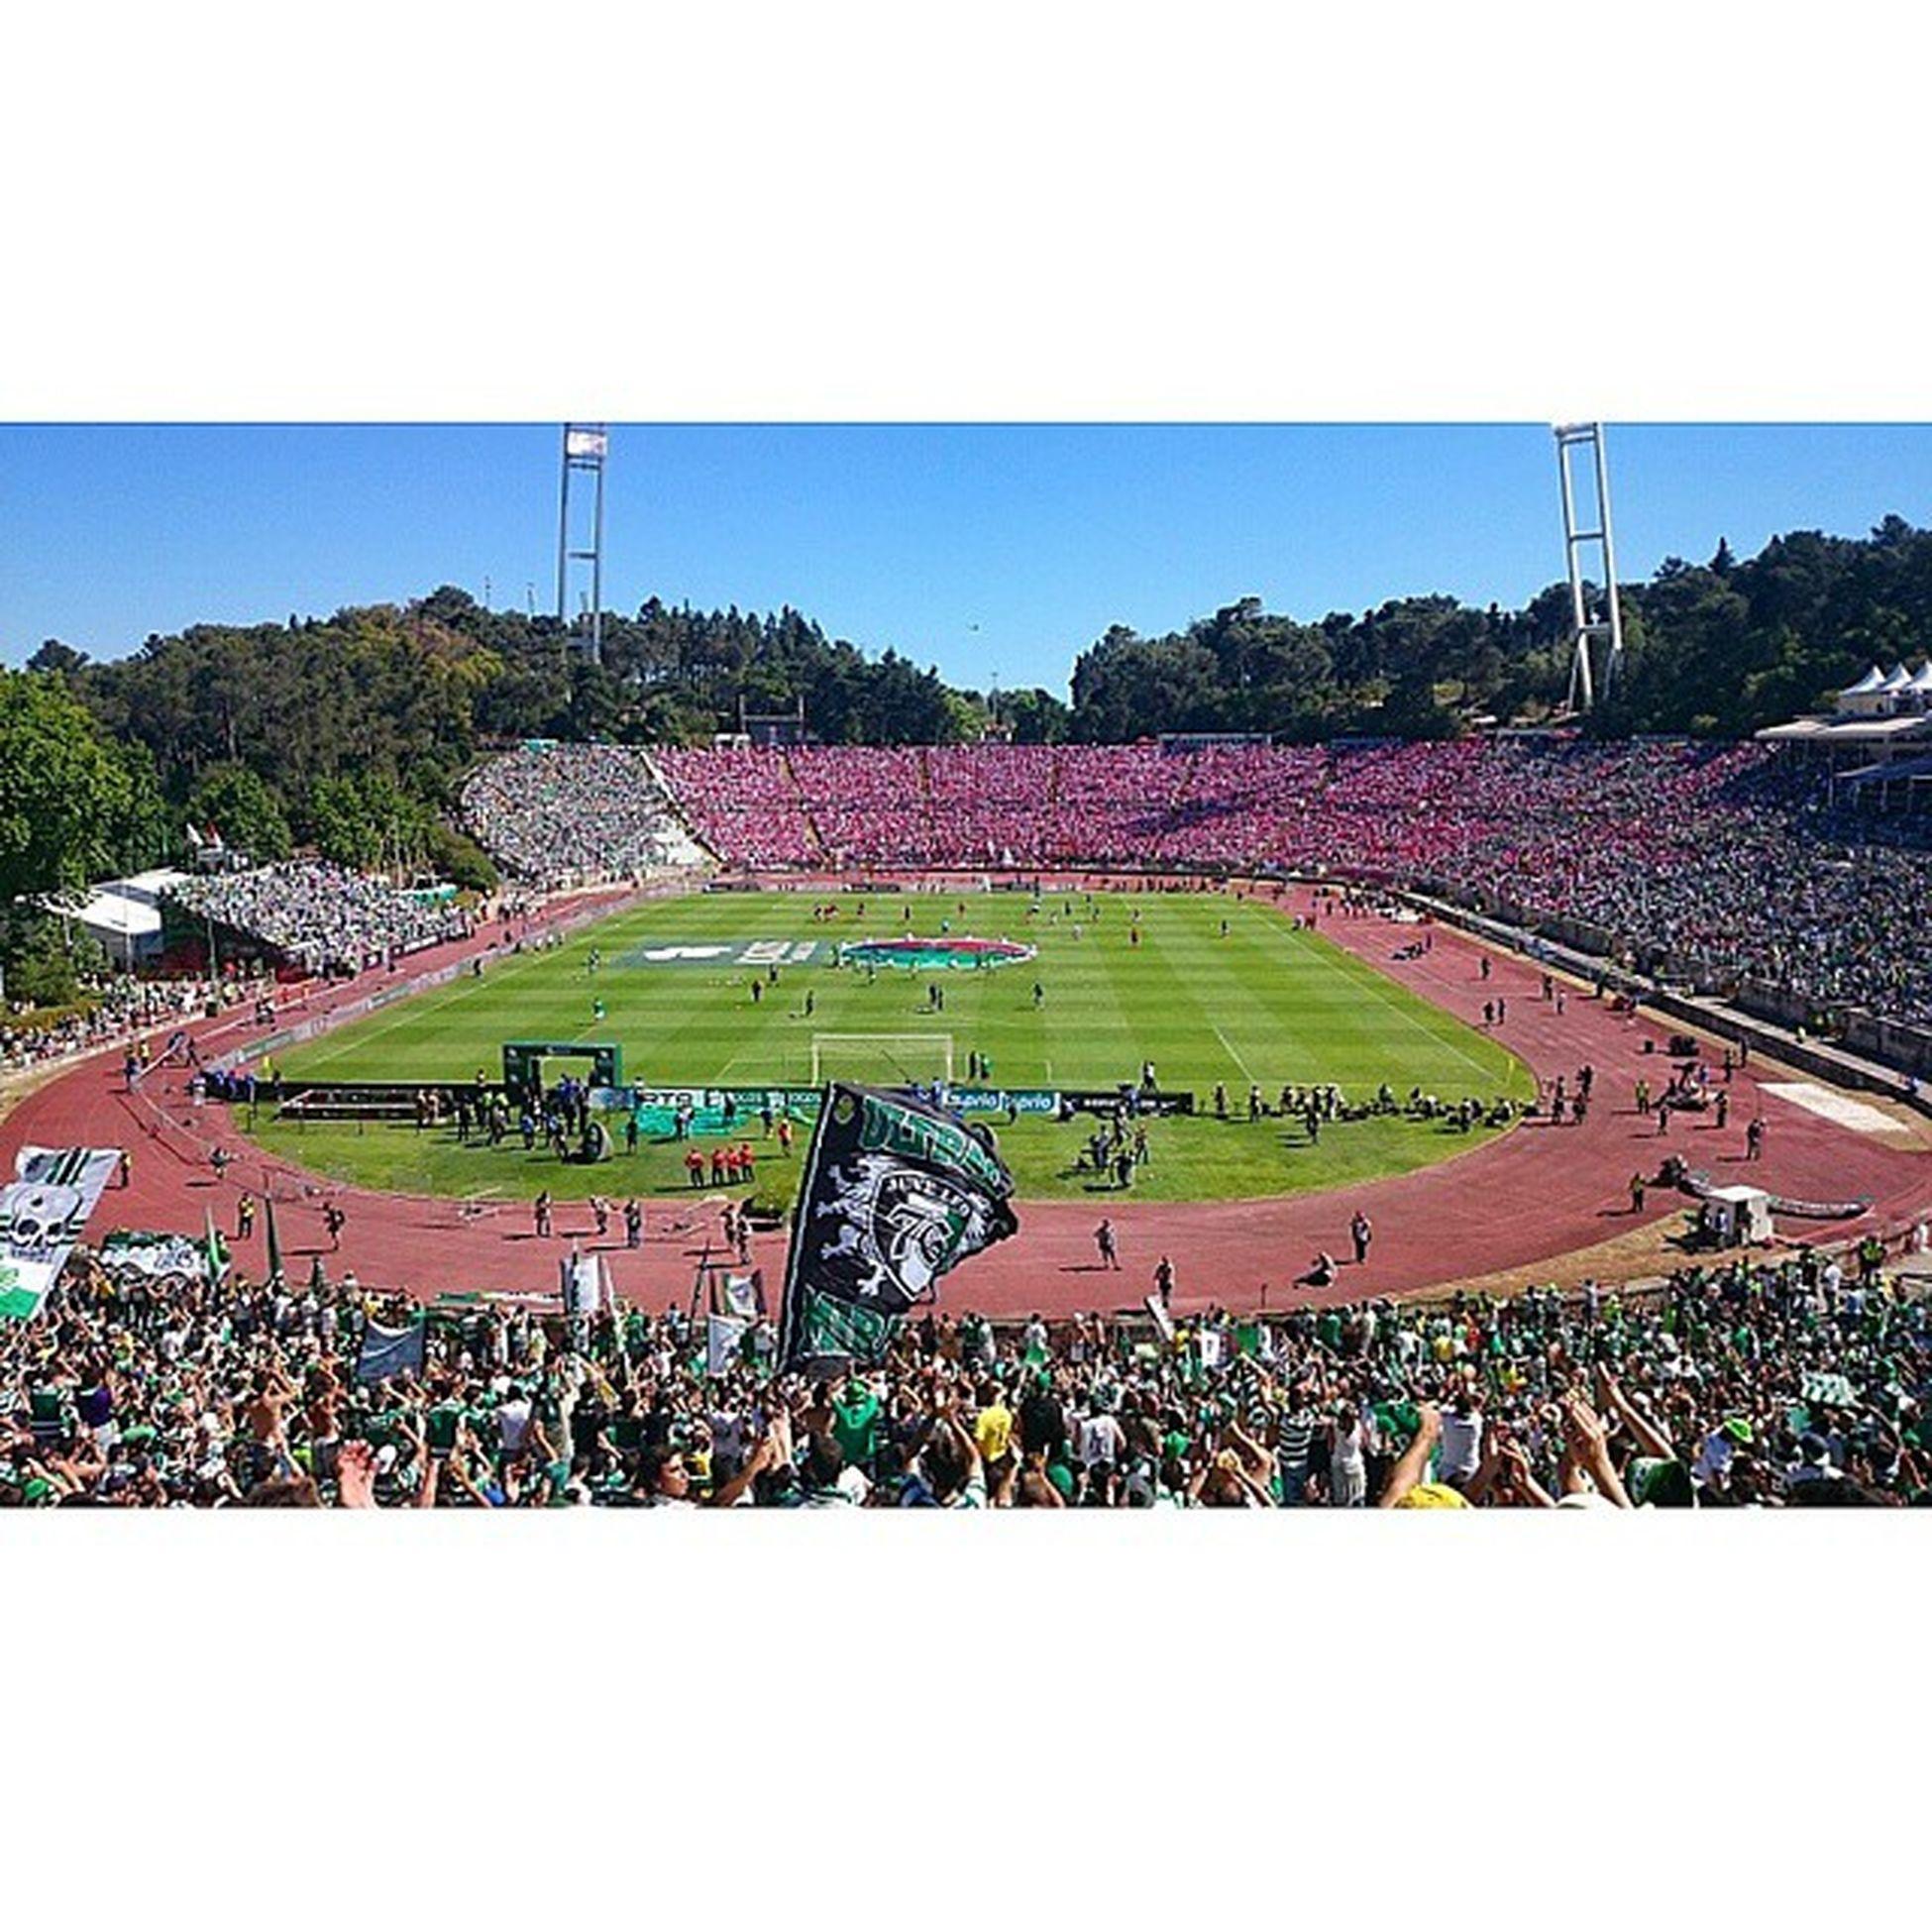 Jamor Sporting Juveleo Juventudeleonina AteAoFim EmModoJamor DiaDeSporting OndaVerde